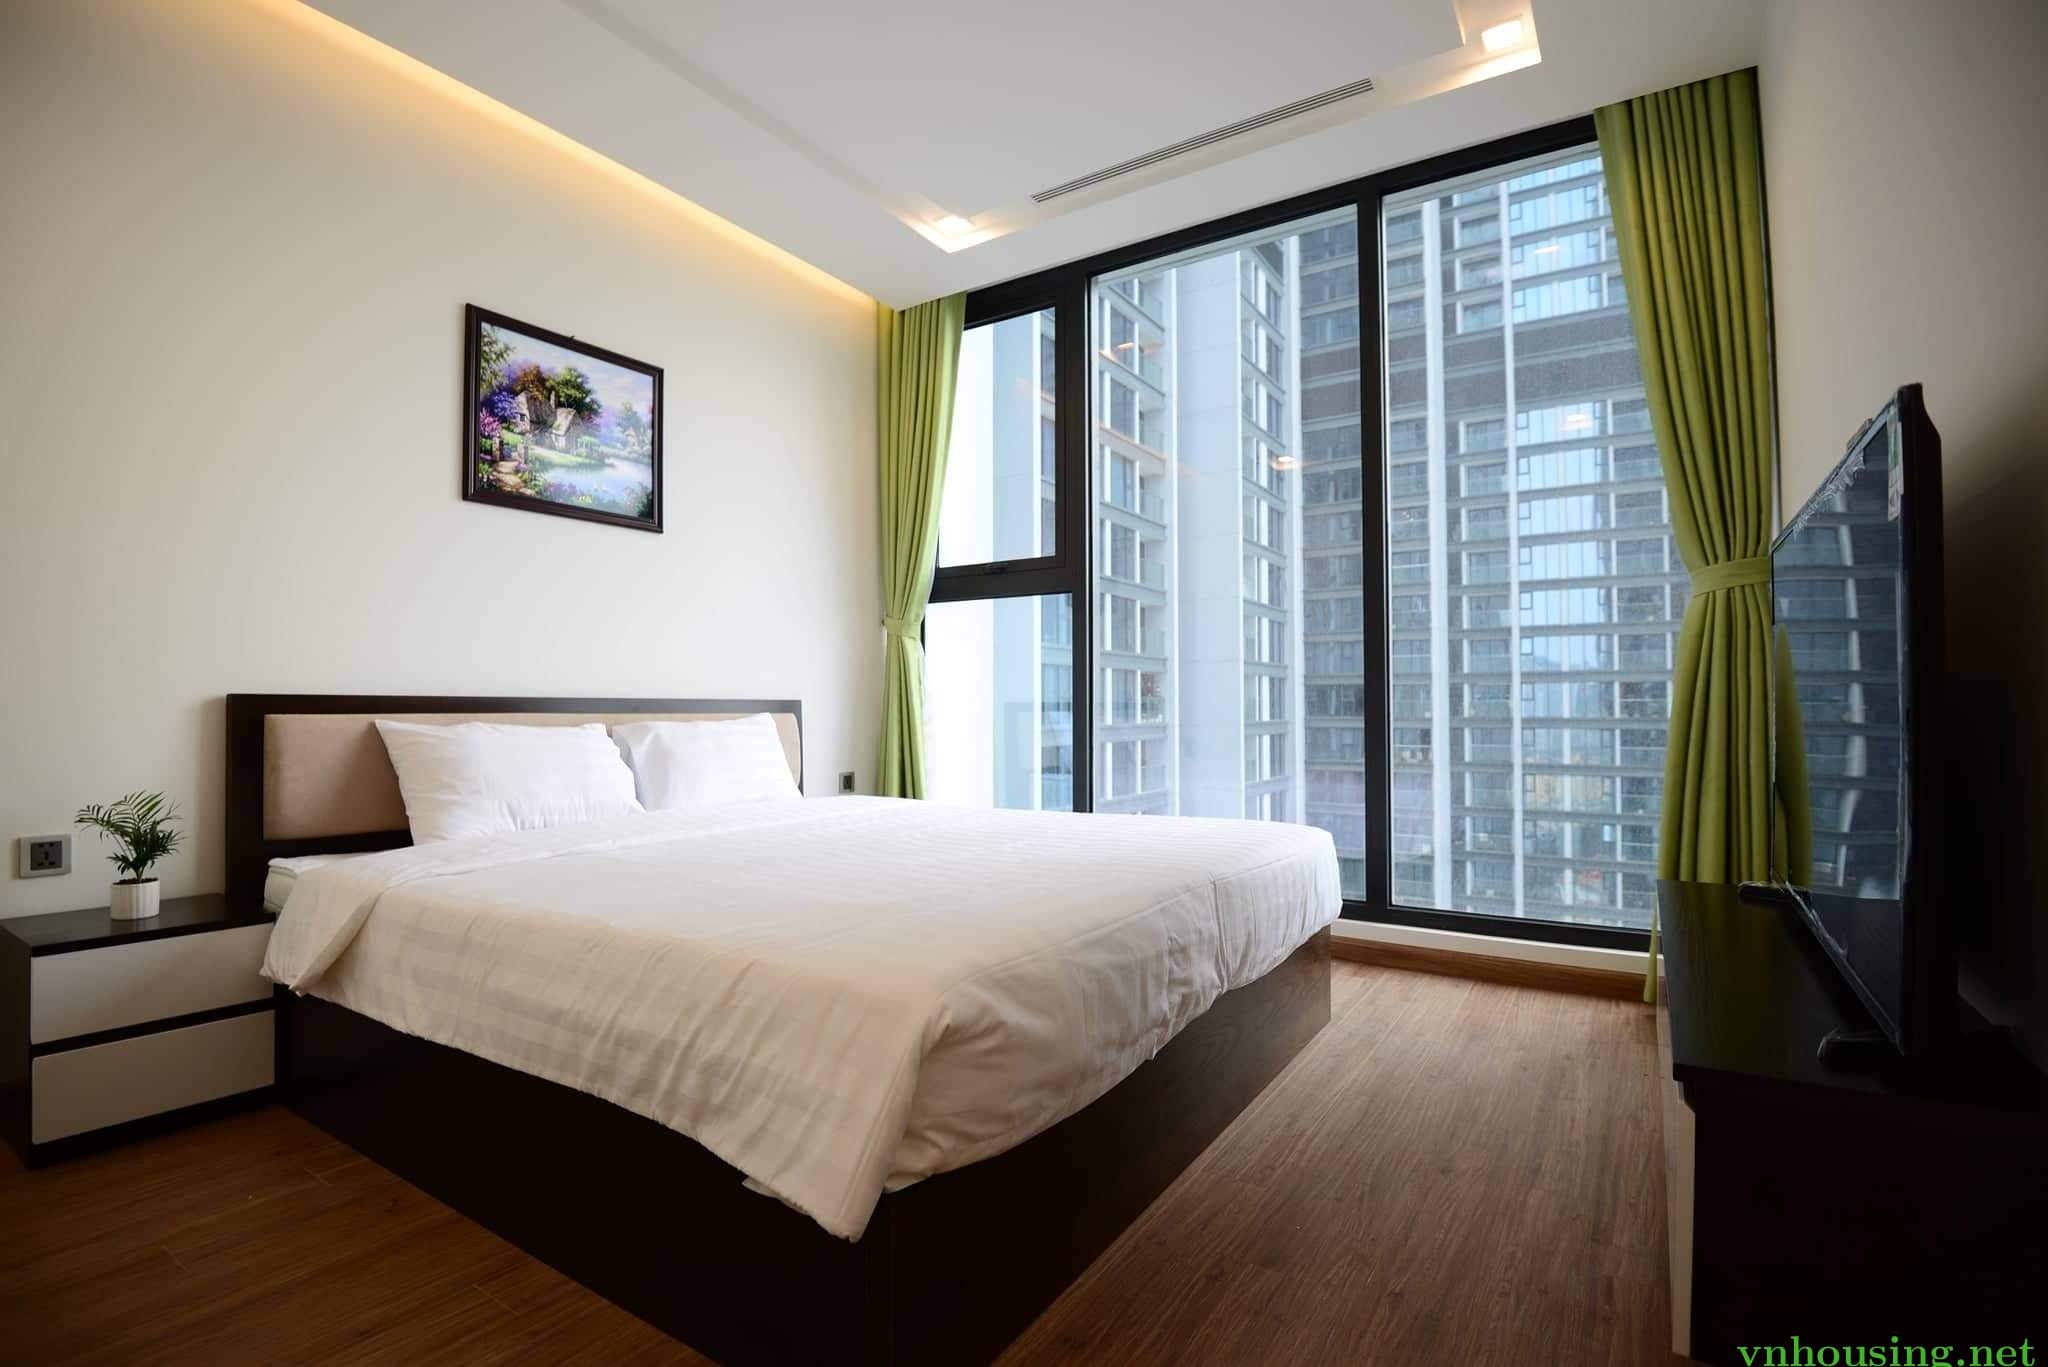 cho thuê căn hộ cao cấp Mandarin Garden- Cầu giấy- Hà nội. dt 134m. giá 28 triệu. Dương 0794853333